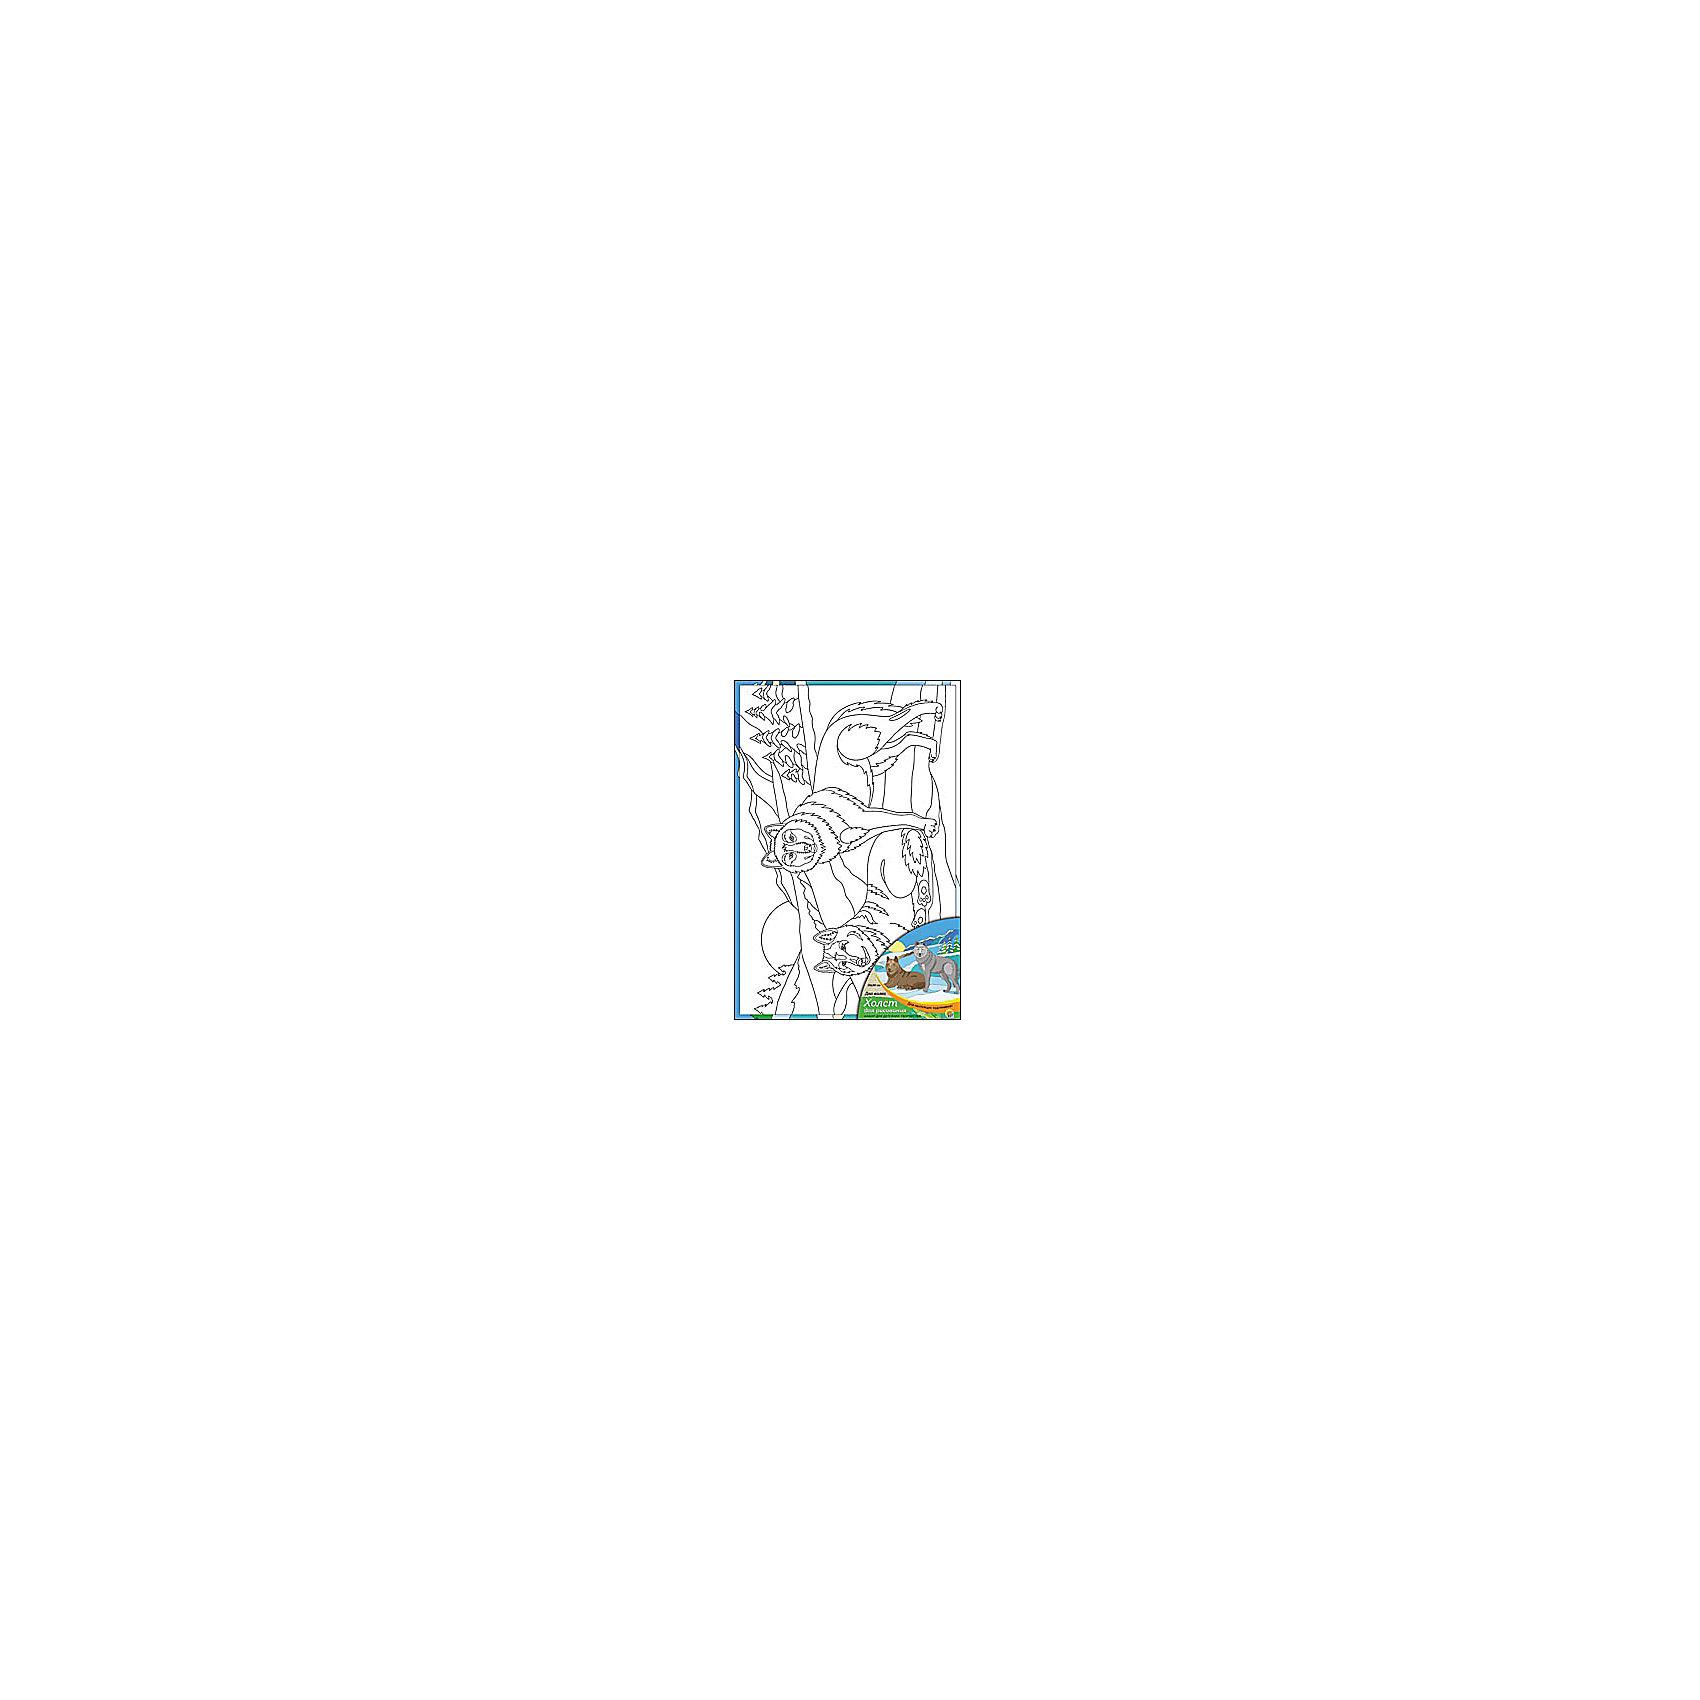 Холст с красками Два волка, 20х30 смРаскраски по номерам<br>Ваш малыш любит рисовать? Тогда набор Два волка обязательно порадует юного художника. Ребенок научится рисовать по холсту, и готовая яркая картинка вызовет восторг не только у него, но и у родителей, которые будут еще больше гордиться его талантами.<br><br>Дополнительная информация:<br>В наборе: холст-эскиз, 7 акриловых красок, кисточка<br>Размер: 20х1,5х30 см<br>Вес: 230 грамм<br>Холст с красками Два волка можно купить в нашем интернет-магазине.<br><br>Ширина мм: 300<br>Глубина мм: 15<br>Высота мм: 200<br>Вес г: 230<br>Возраст от месяцев: 36<br>Возраст до месяцев: 120<br>Пол: Унисекс<br>Возраст: Детский<br>SKU: 4939526